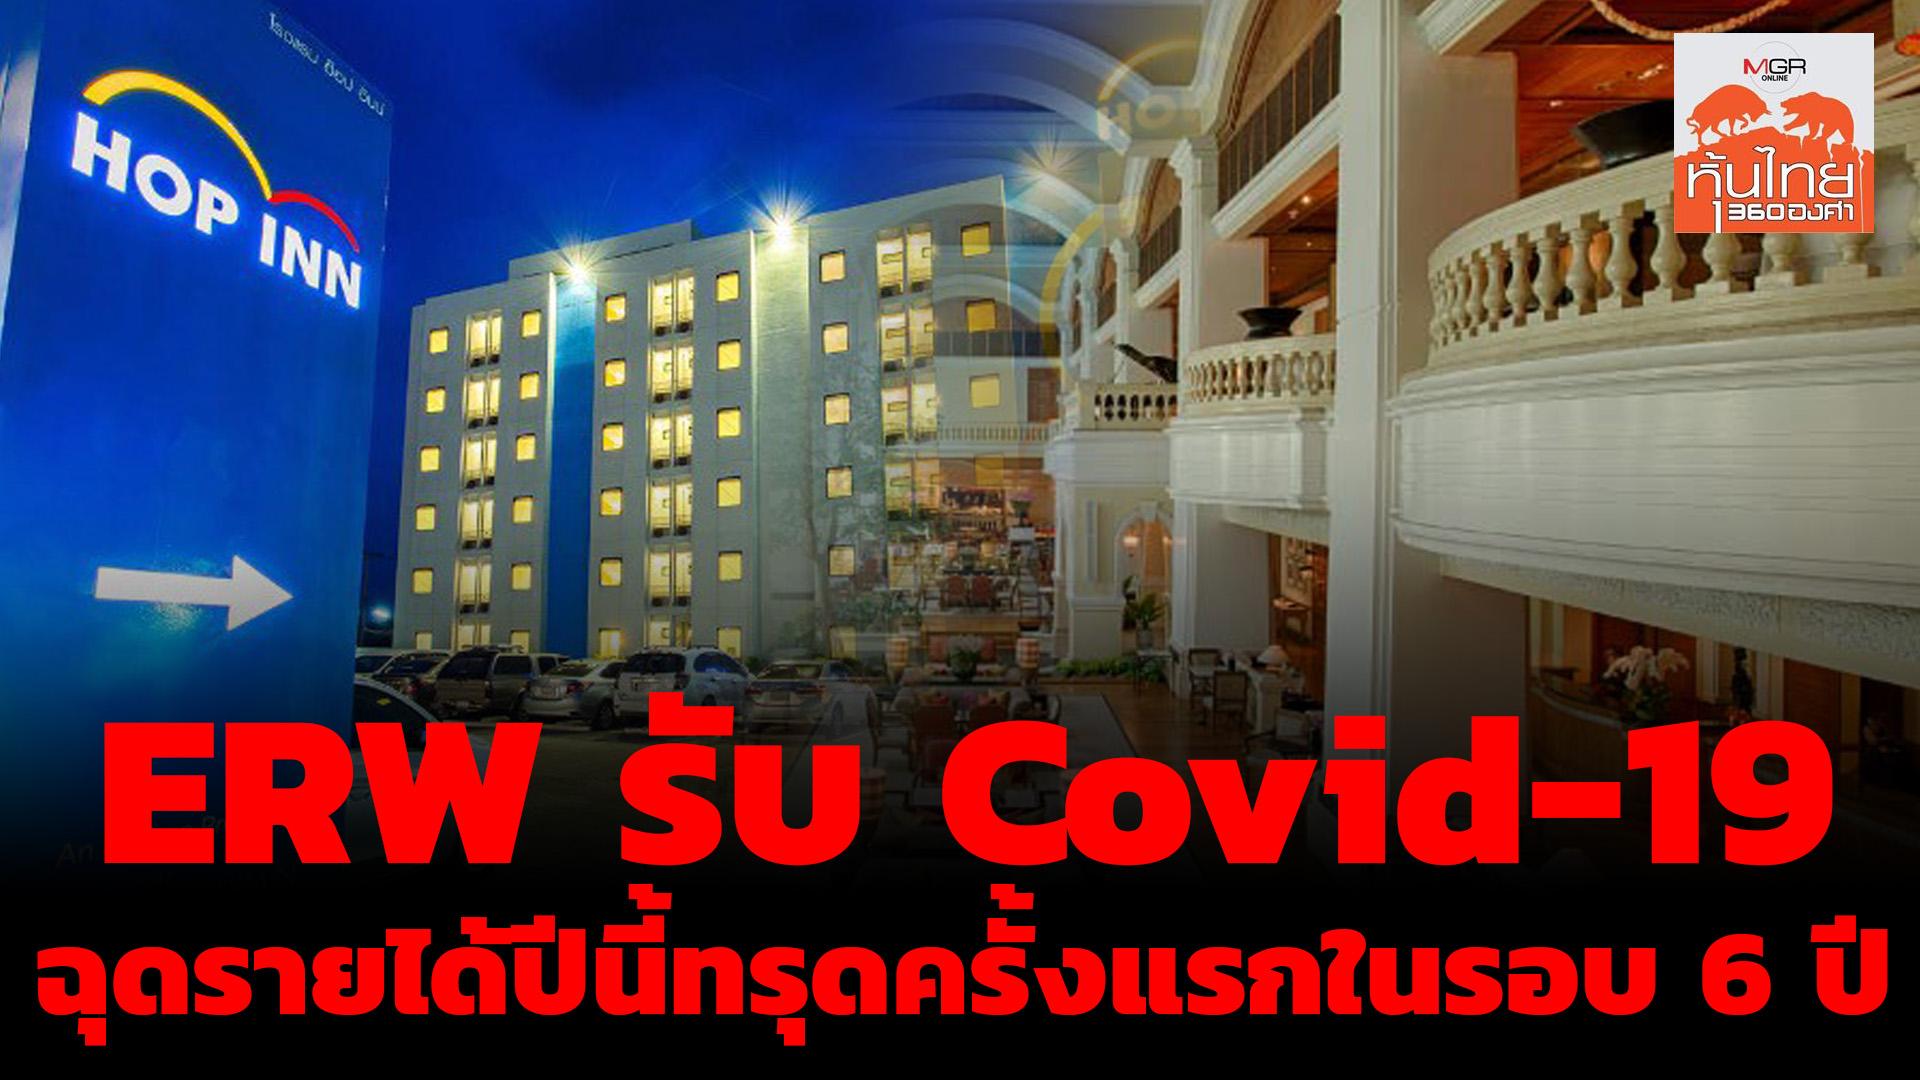 ERW รับ Covid-19 ฉุดรายได้ปีนี้ทรุดครั้งแรกในรอบ 6 ปี